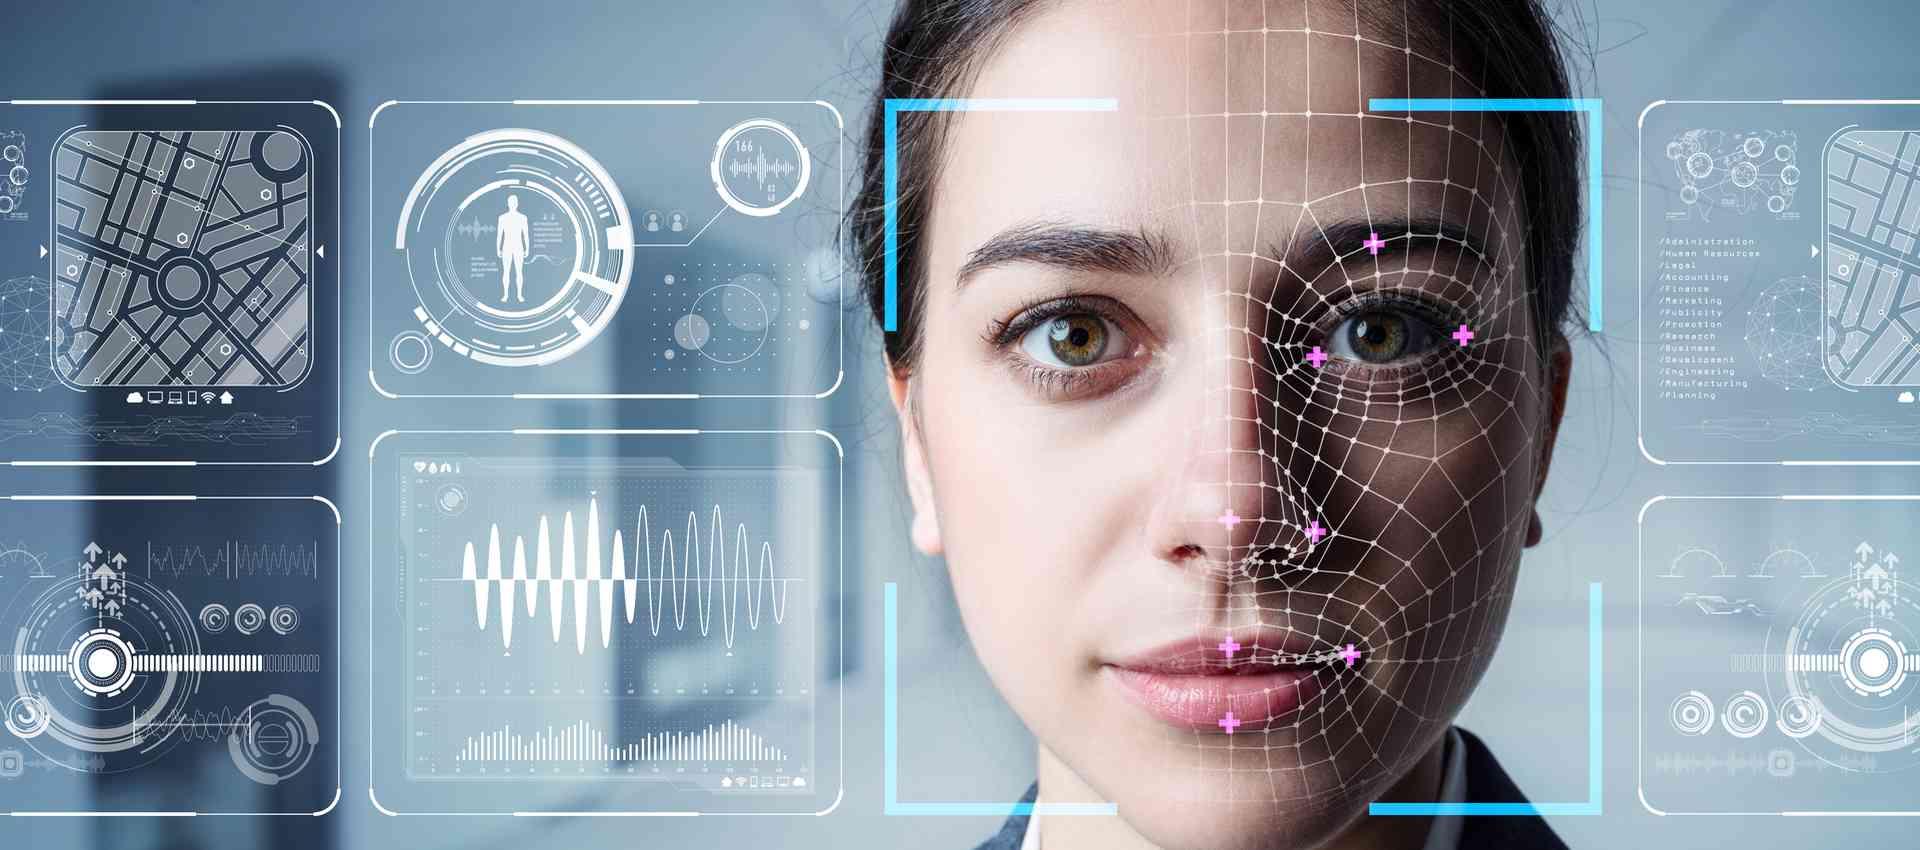 ב-2021 שיעור החשיפה של חלקים נרחבים מהאוכלוסייה לתכני Deepfake יגבר באופן דרמטי. צילום: shutterstock